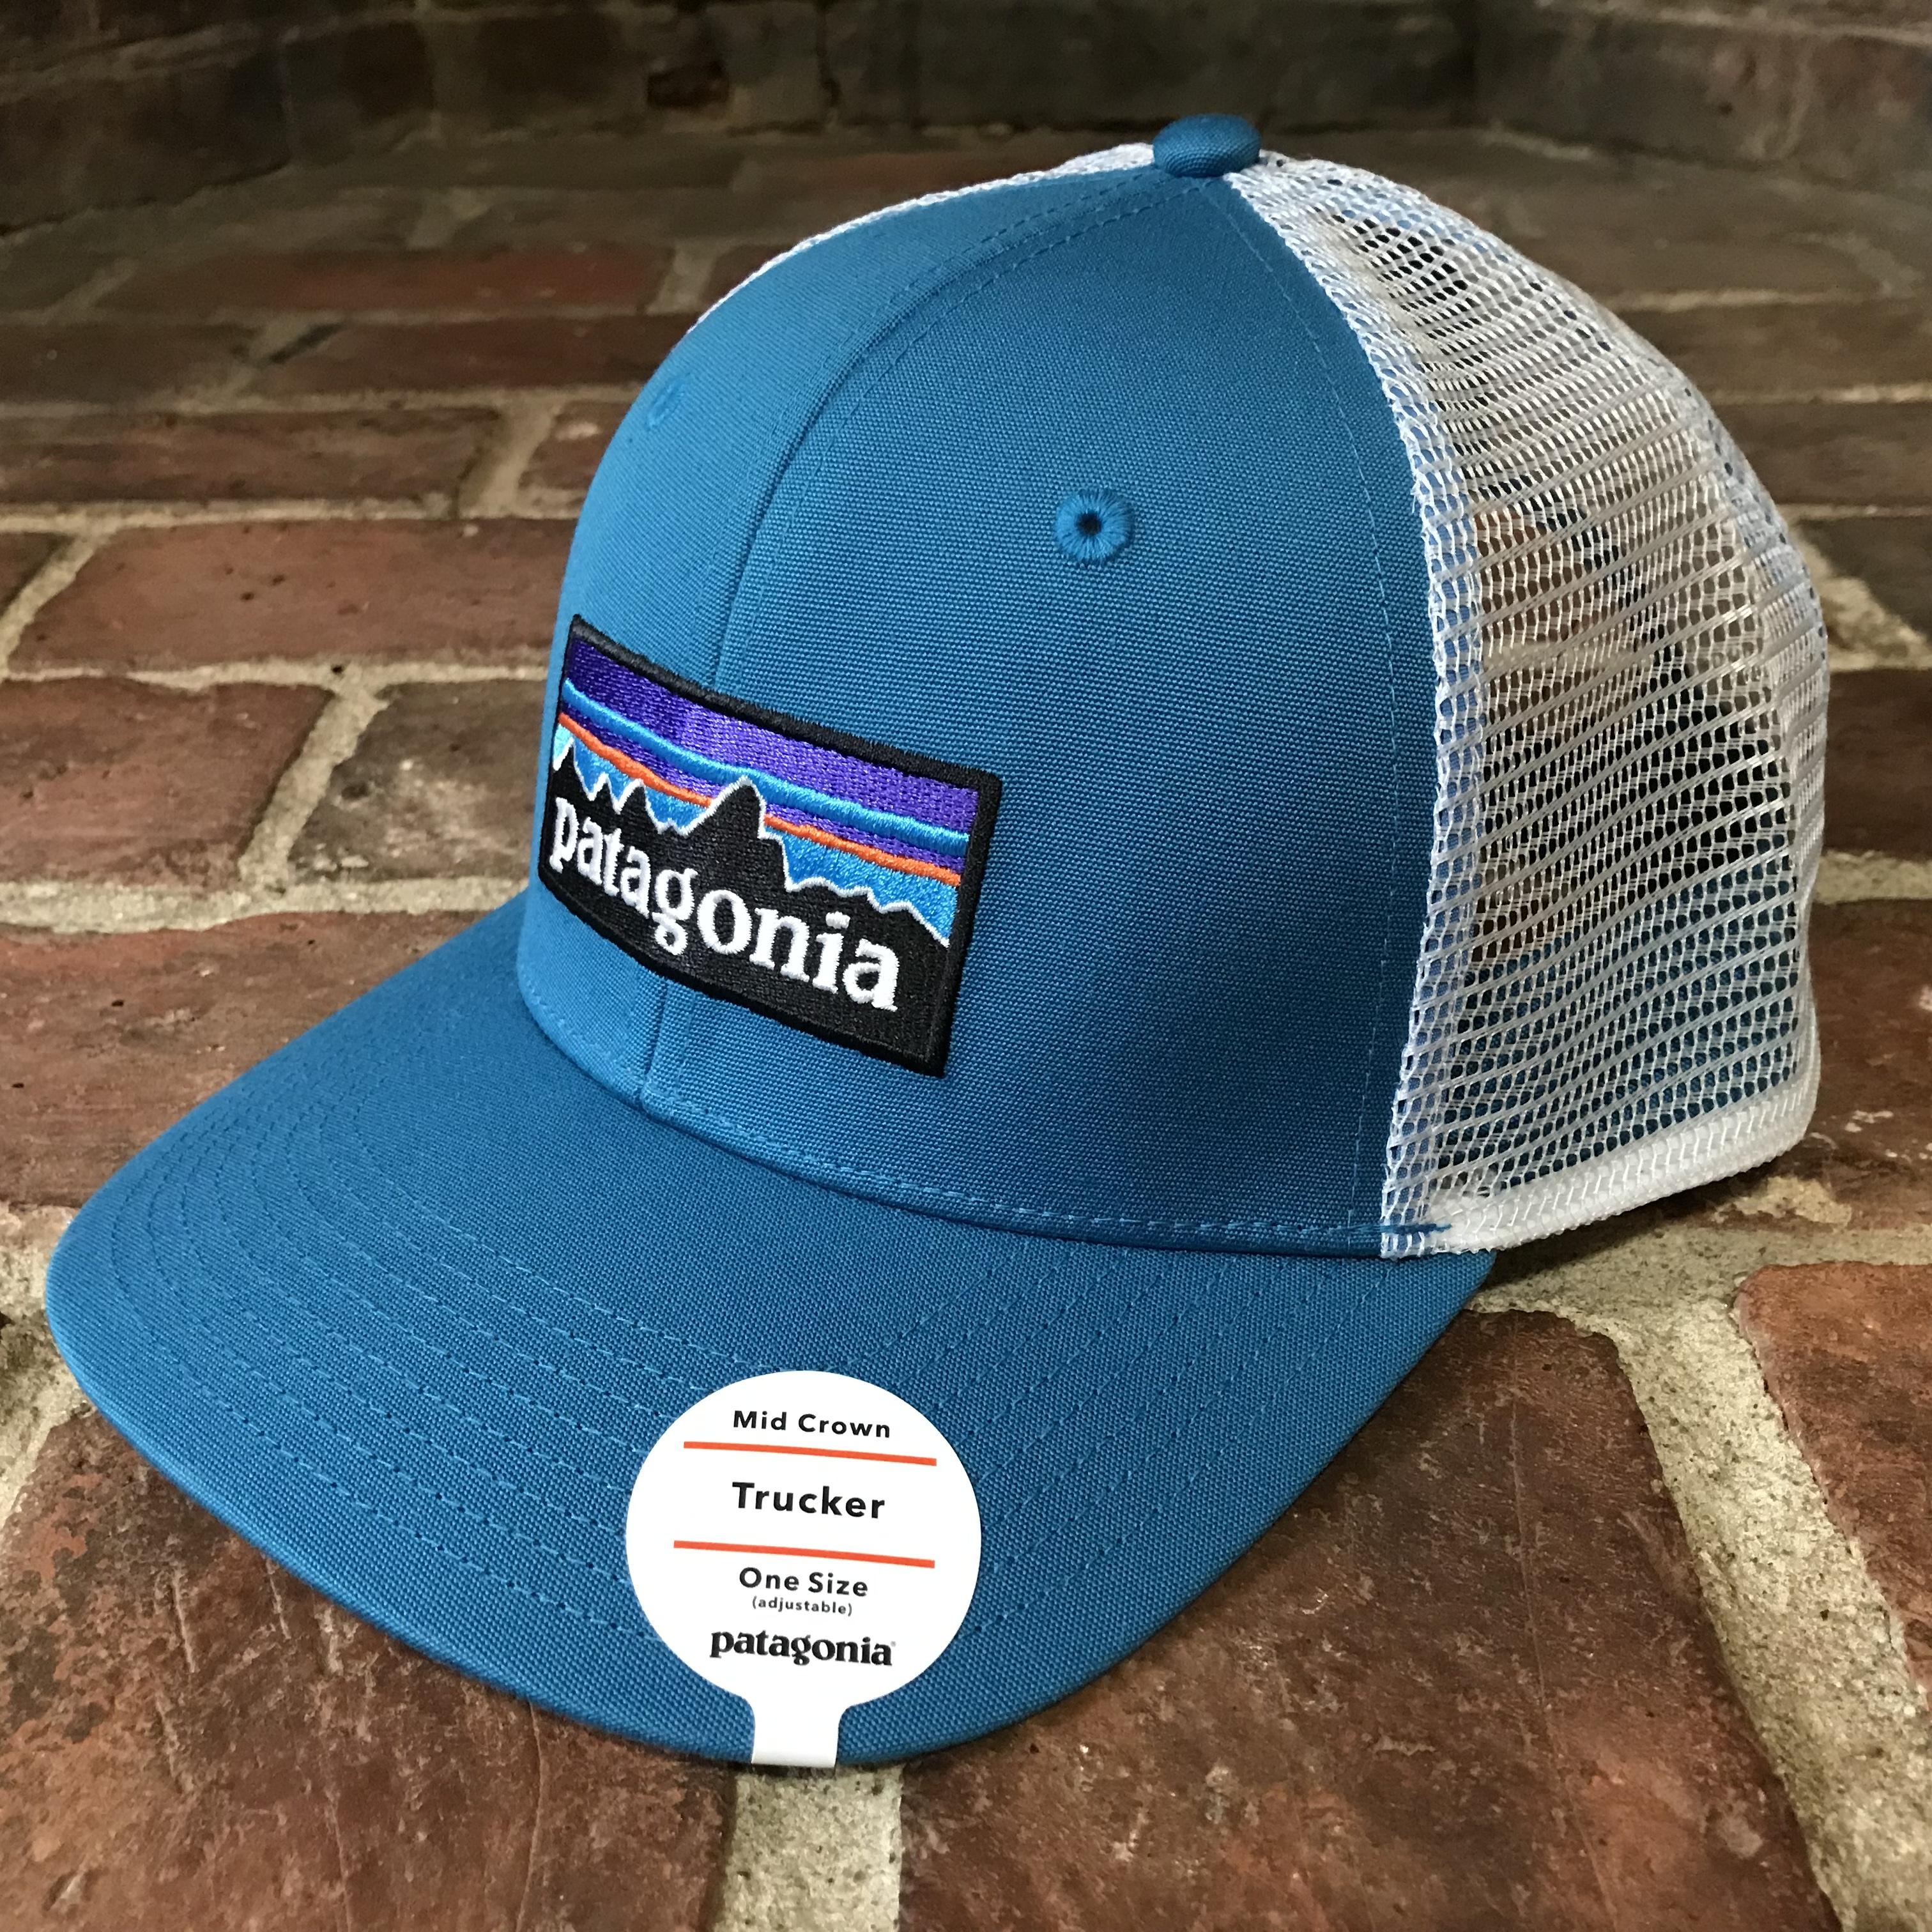 新品 Patagonia MESH CAP パタゴニア ロゴ入りエンブレム キャップ メッシュ ブルー メンズ レディース アウトドア ベースボール  帽子 ぼうし 正規品